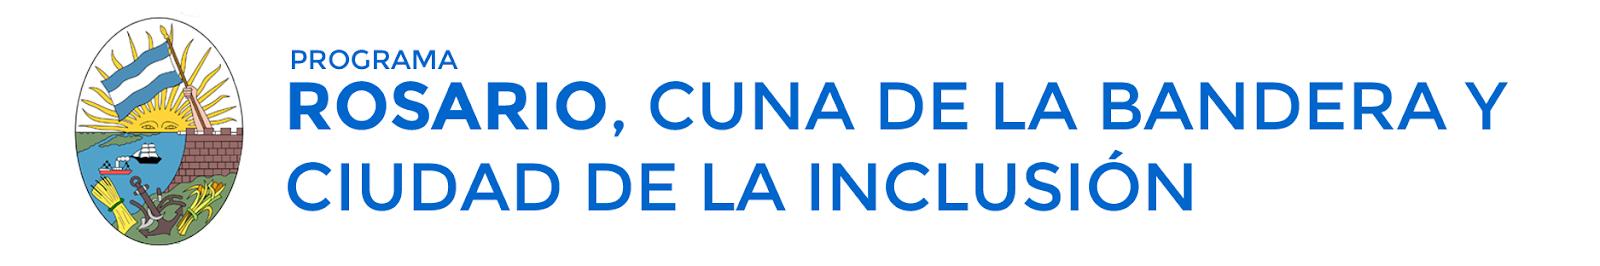 Programa Rosario, cuna de la Bandera y ciudad de la Inclusión